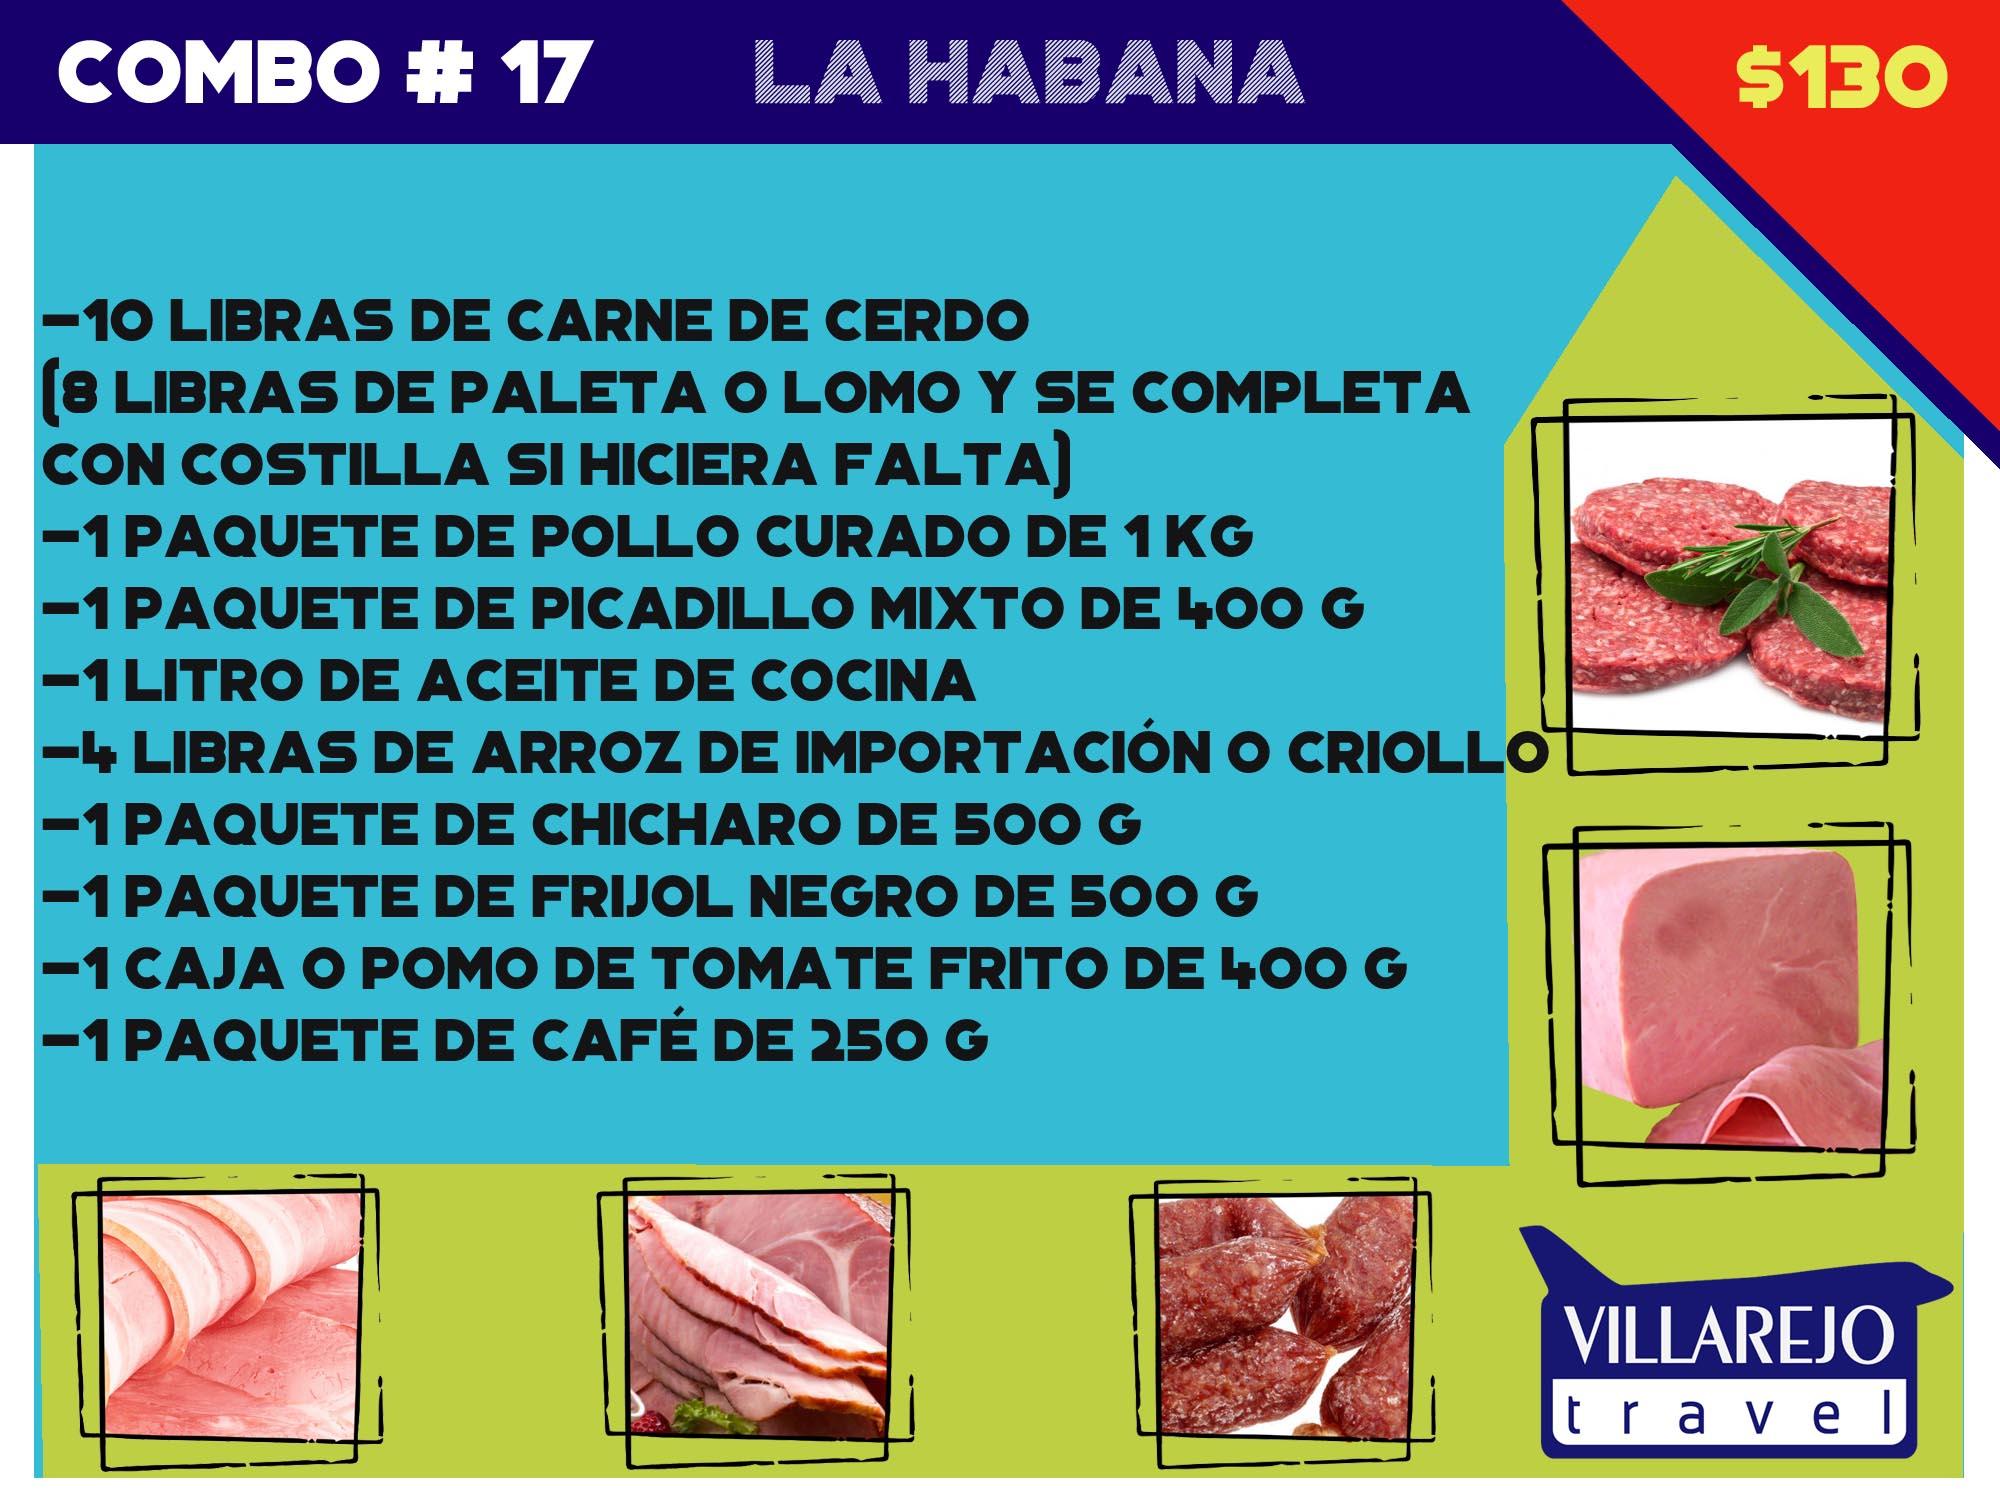 COMBO # 17 LA HABANA